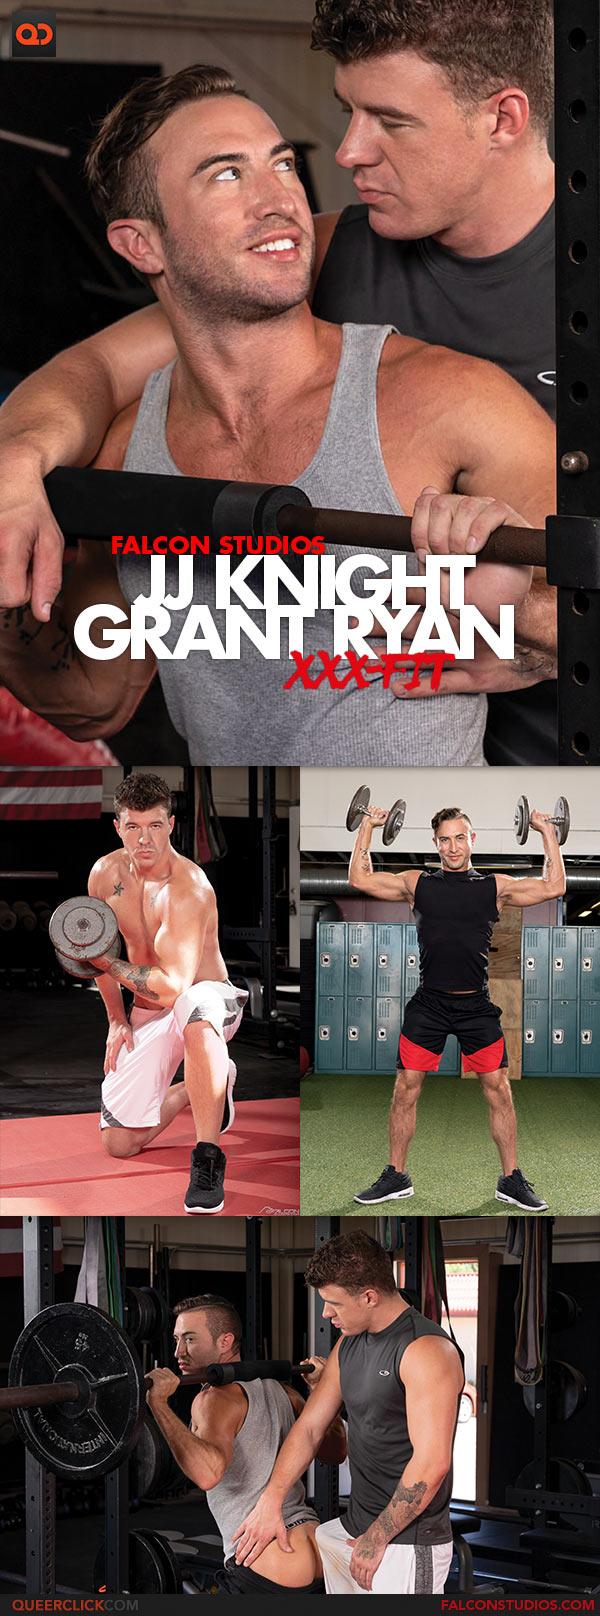 Falcon Studios: JJ Knight Fucks Grant Ryan - XXX-Fit